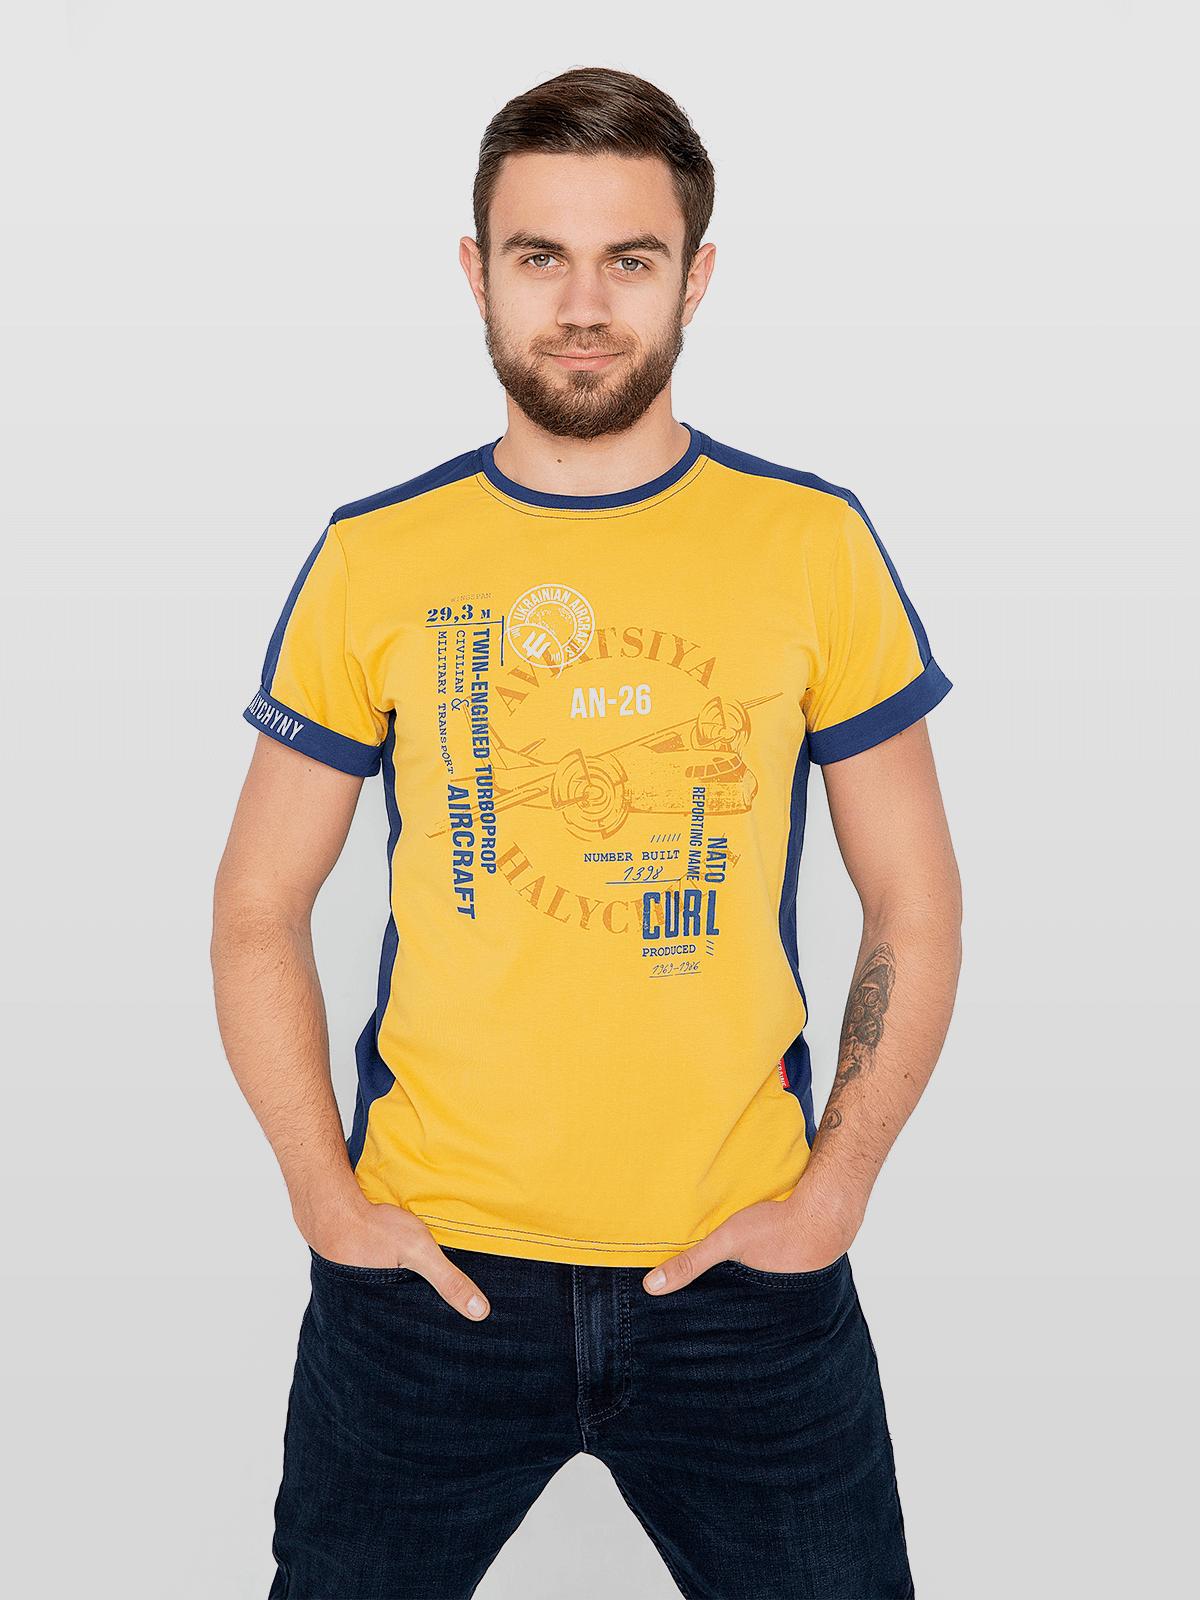 Чоловіча Футболка Аn-26. Колір жовтий. Футболка унісекс (розміри чоловічі).